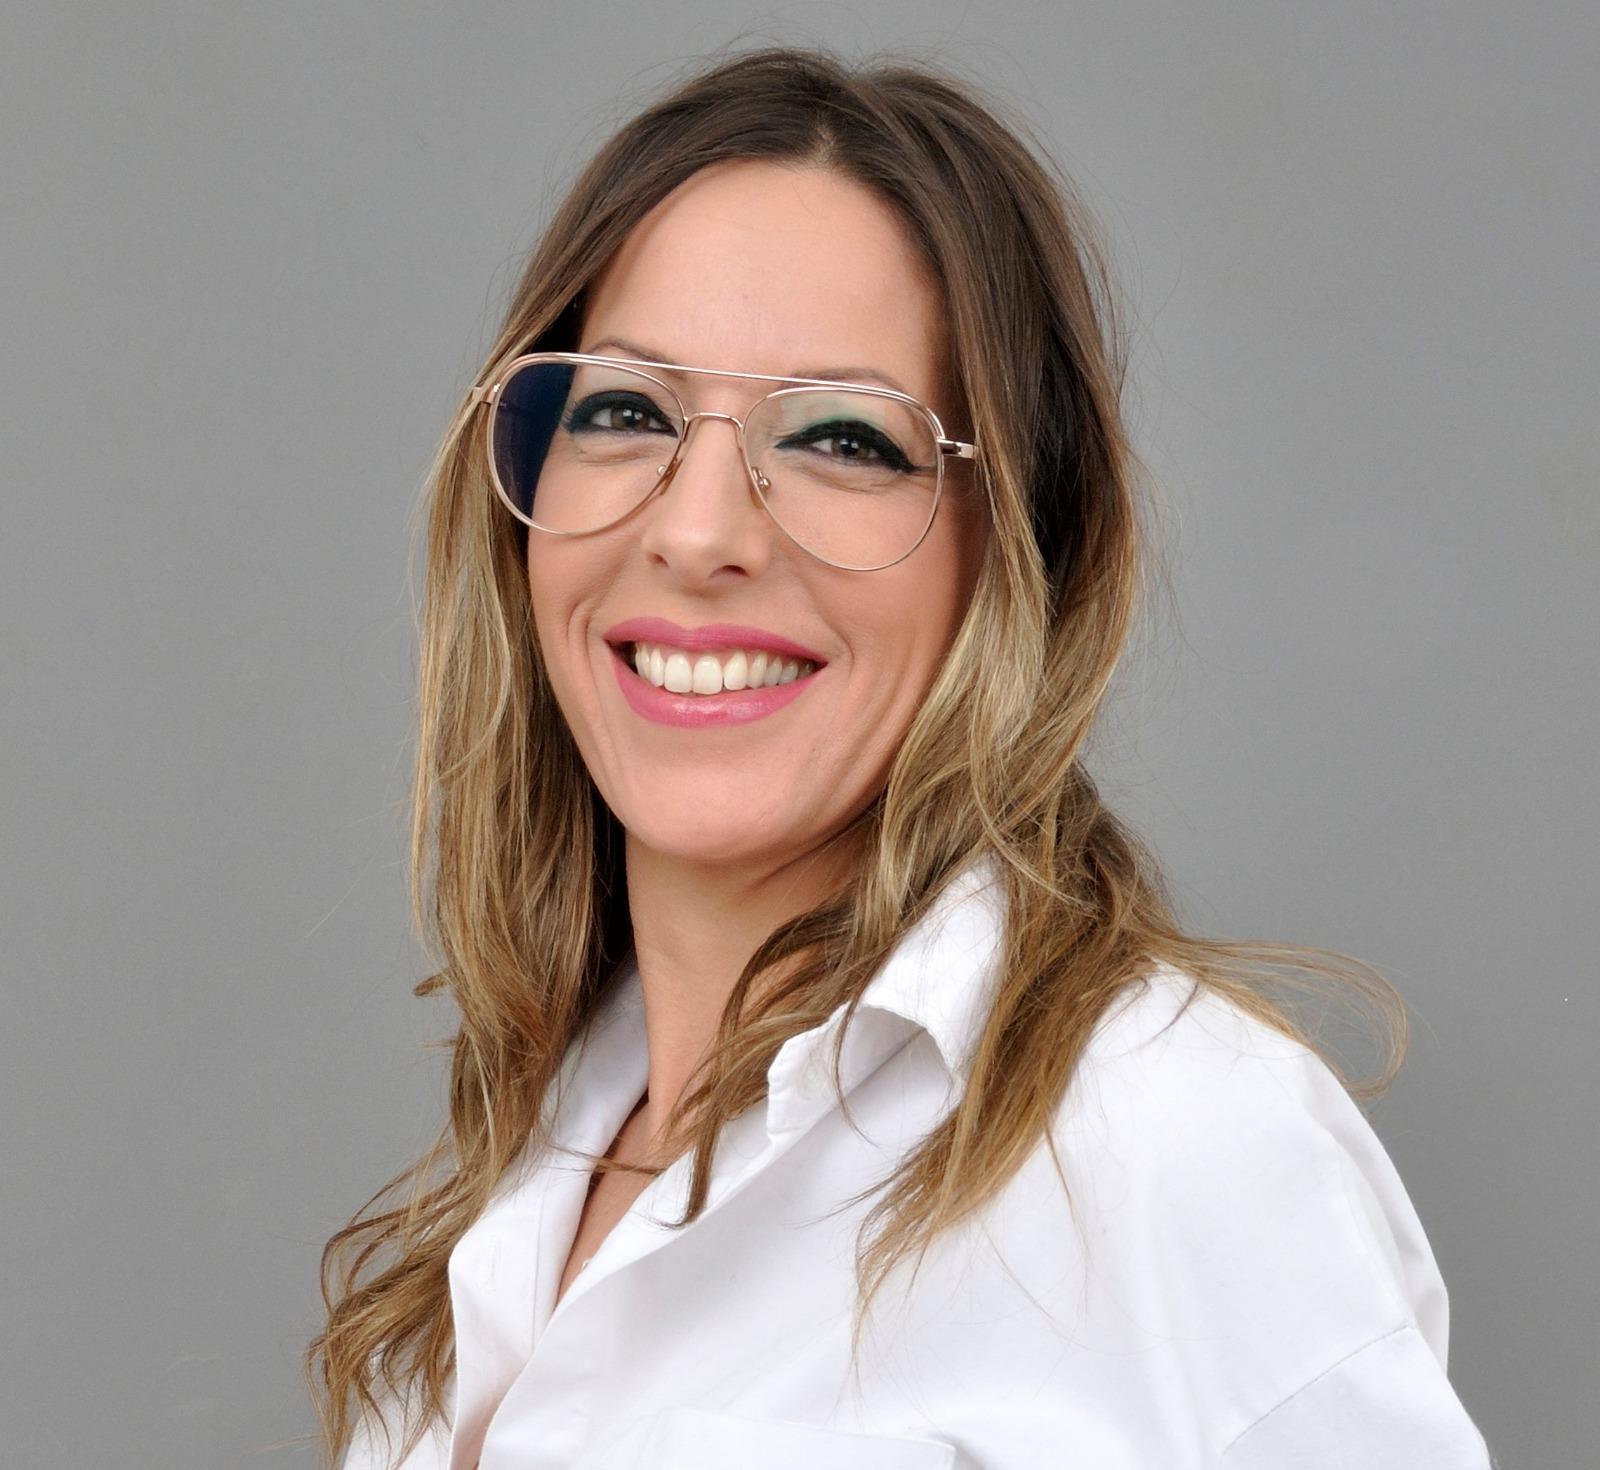 Mónica Castilla Roldan